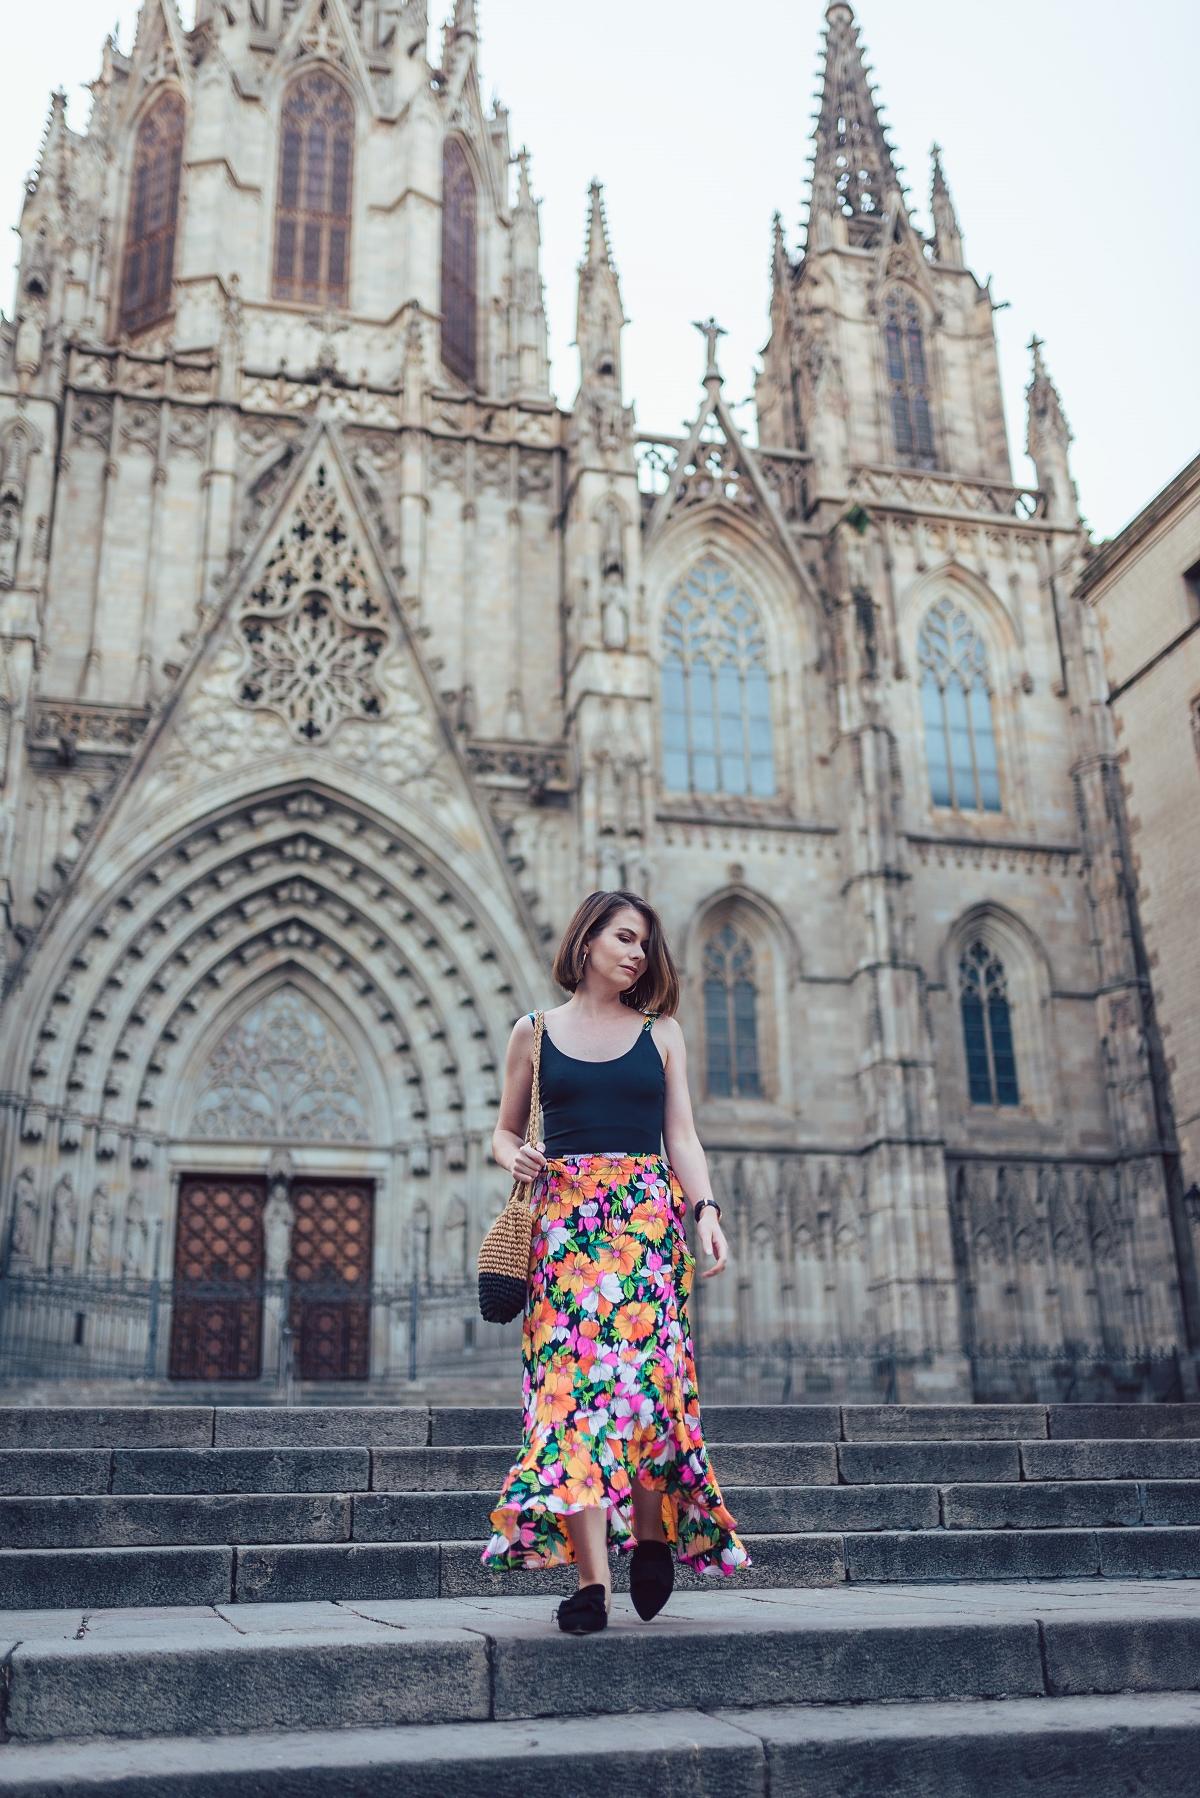 Barcelona Katedra Świętej Eulalii sesja modowa